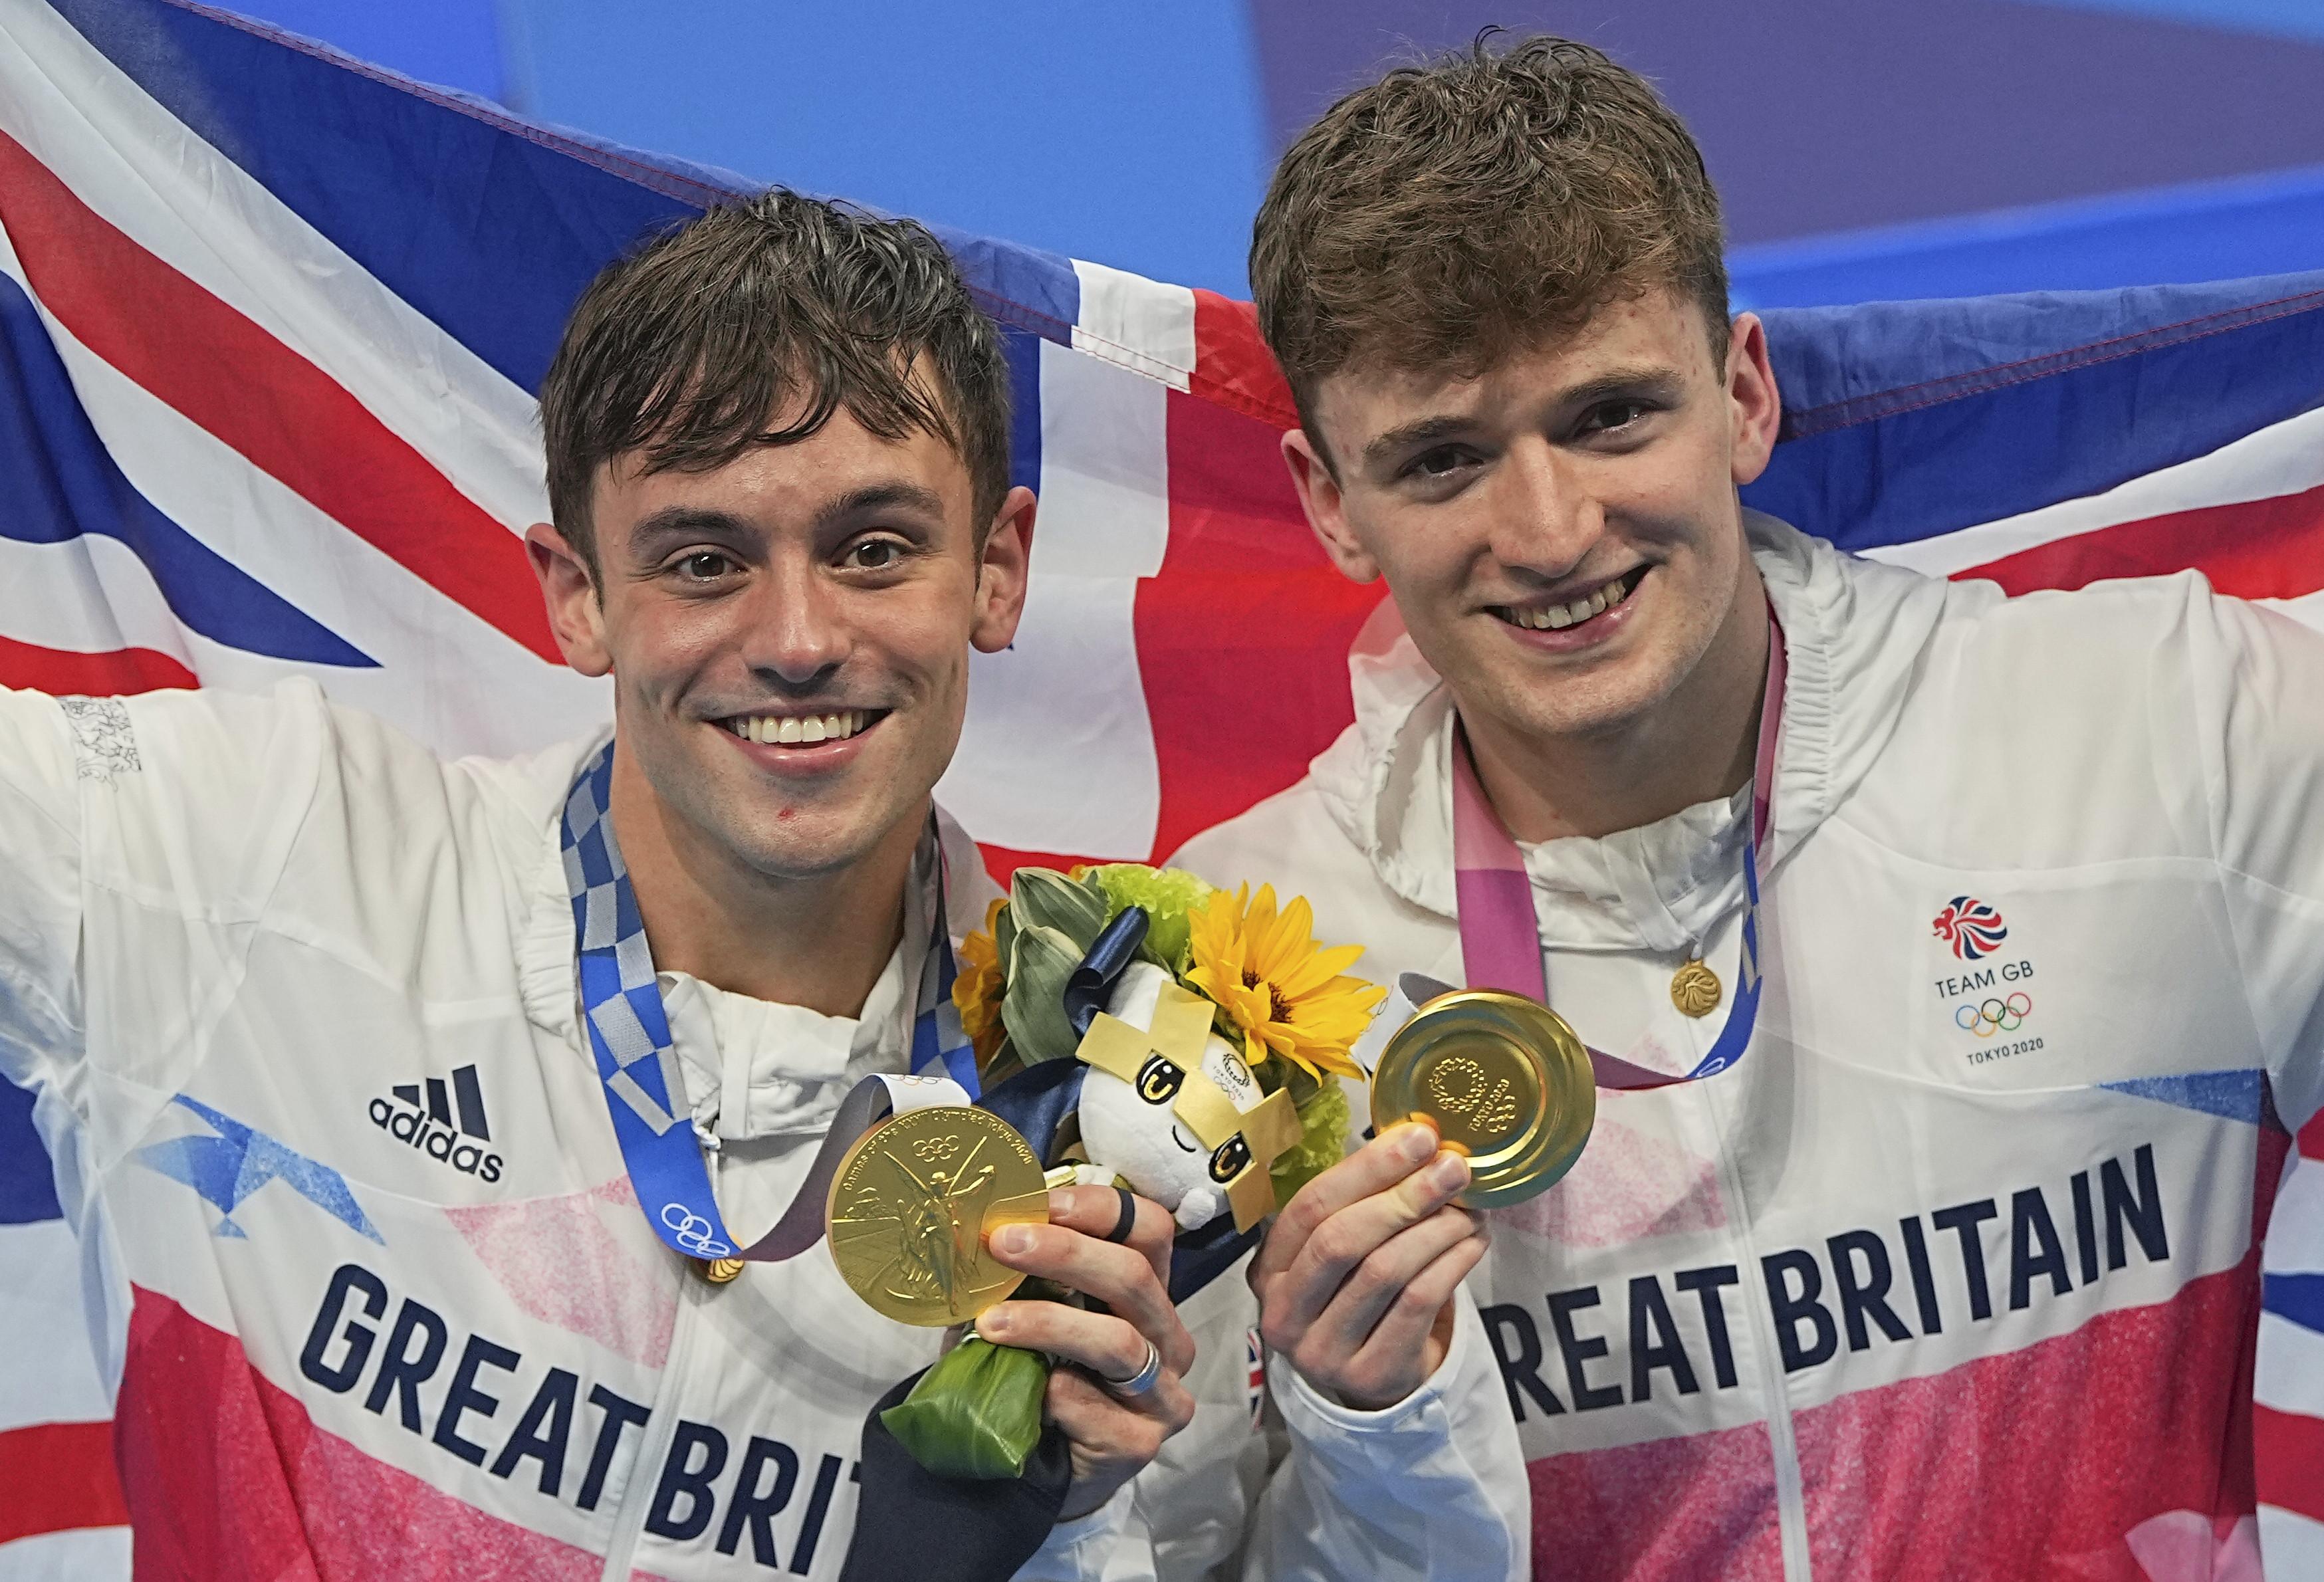 ▲▼英國跳水王子戴利(Tom Daley)和搭檔馬提李(Matty Lee)摘下L奧運男子雙人10公尺跳水金牌。(圖/達志影像/美聯社)